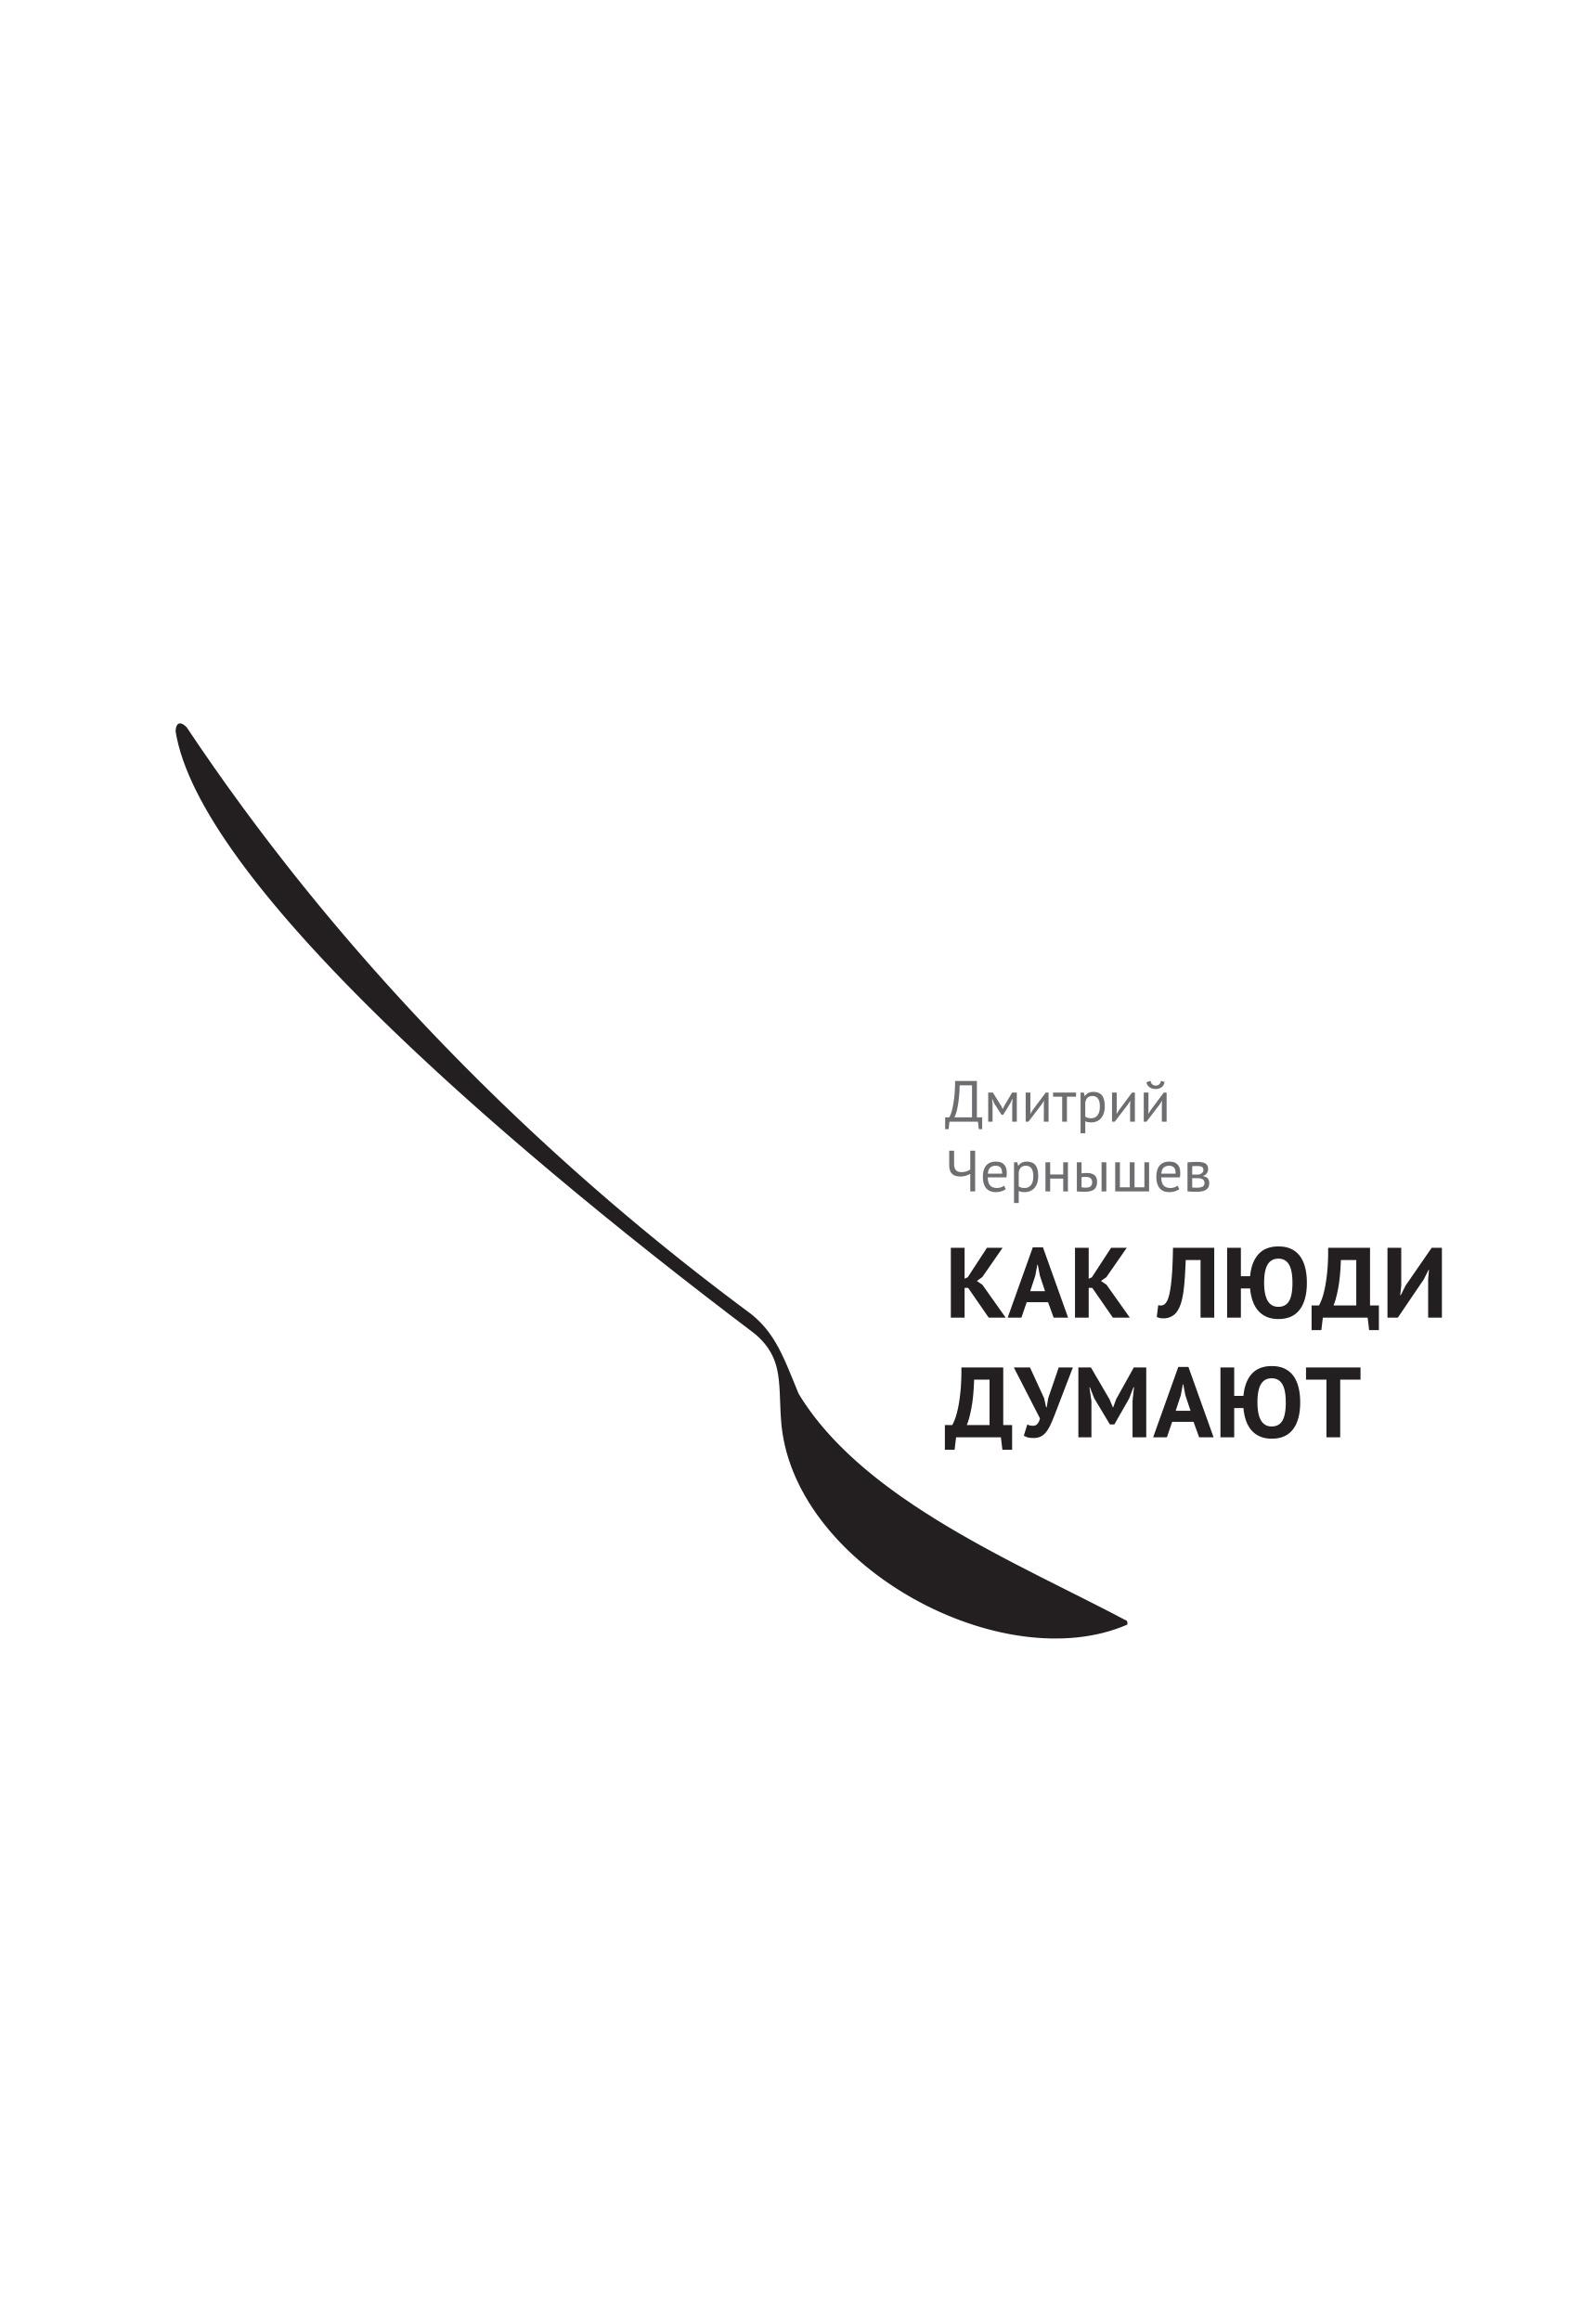 Купить Как люди думают, Дмитрий Чернышев, 978-5-00057-381-5, 978-5-00100-112-6, 978-5-91657-801-0, 978-5-91657-889-8